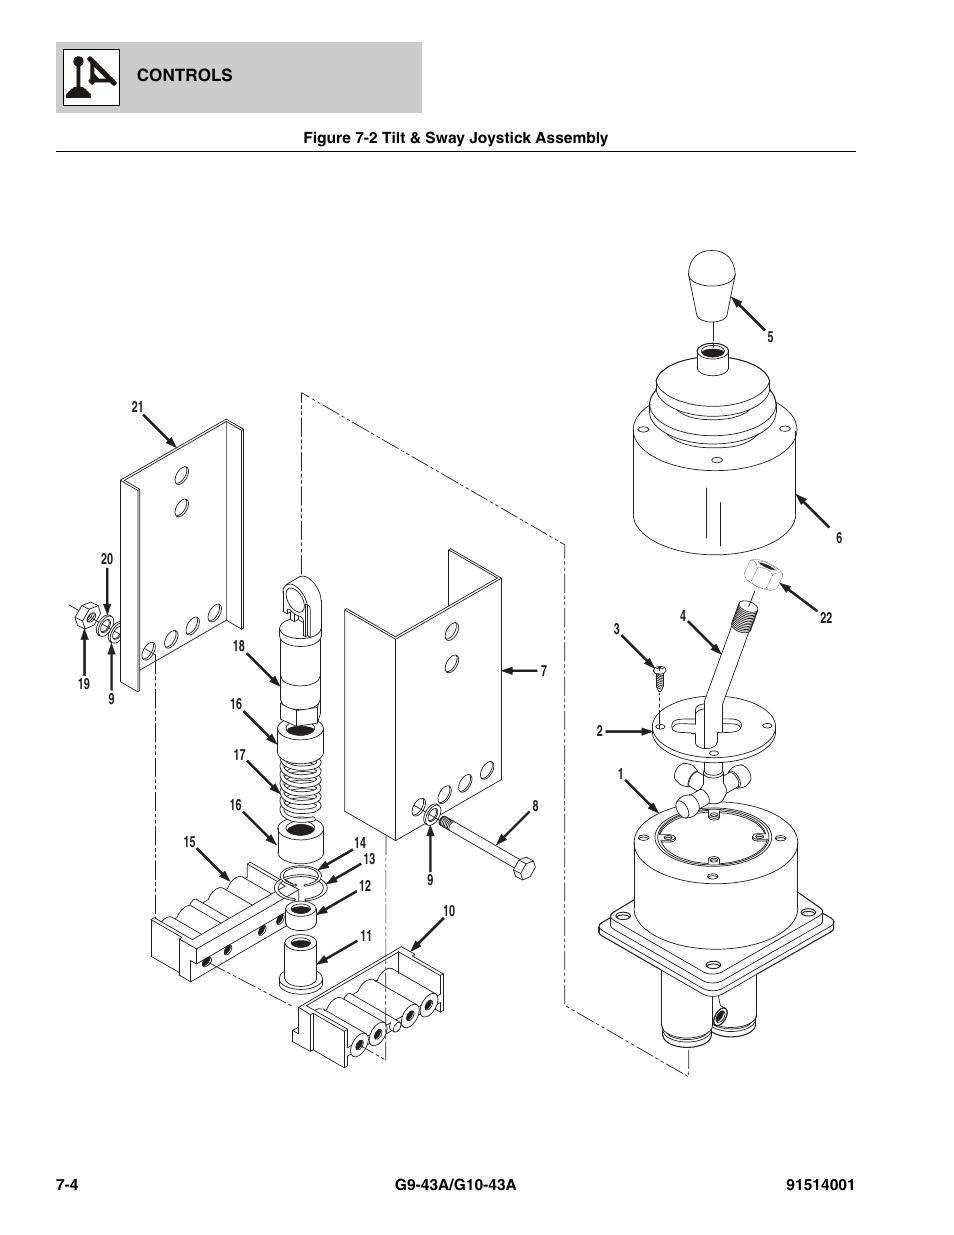 Figure 7-2 tilt & sway joystick assembly, Tilt & sway